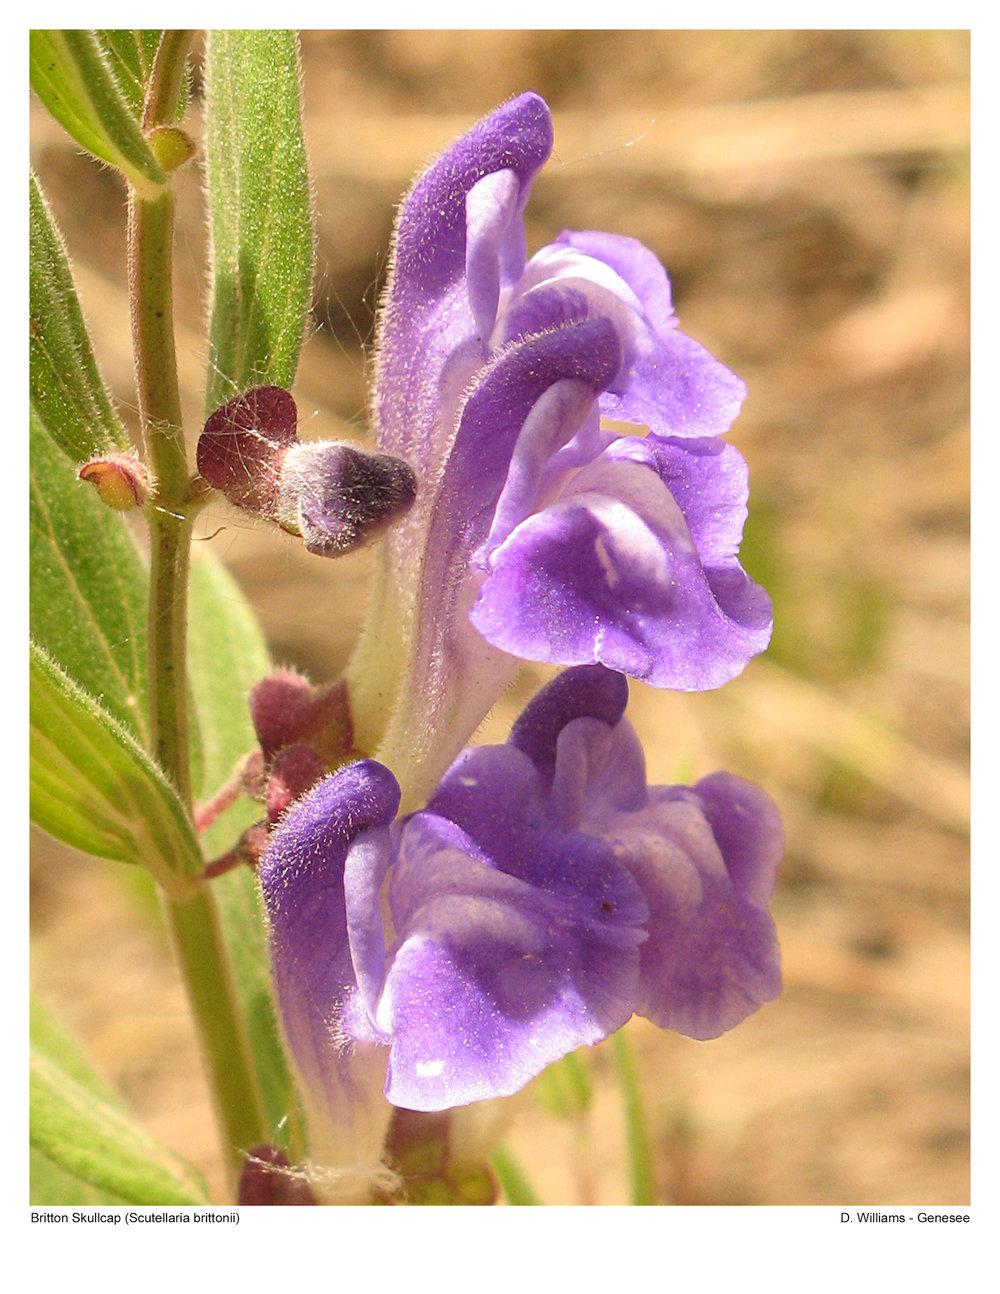 Britton Skullcap - Scutellaria brittonii IMG_0866.jpg